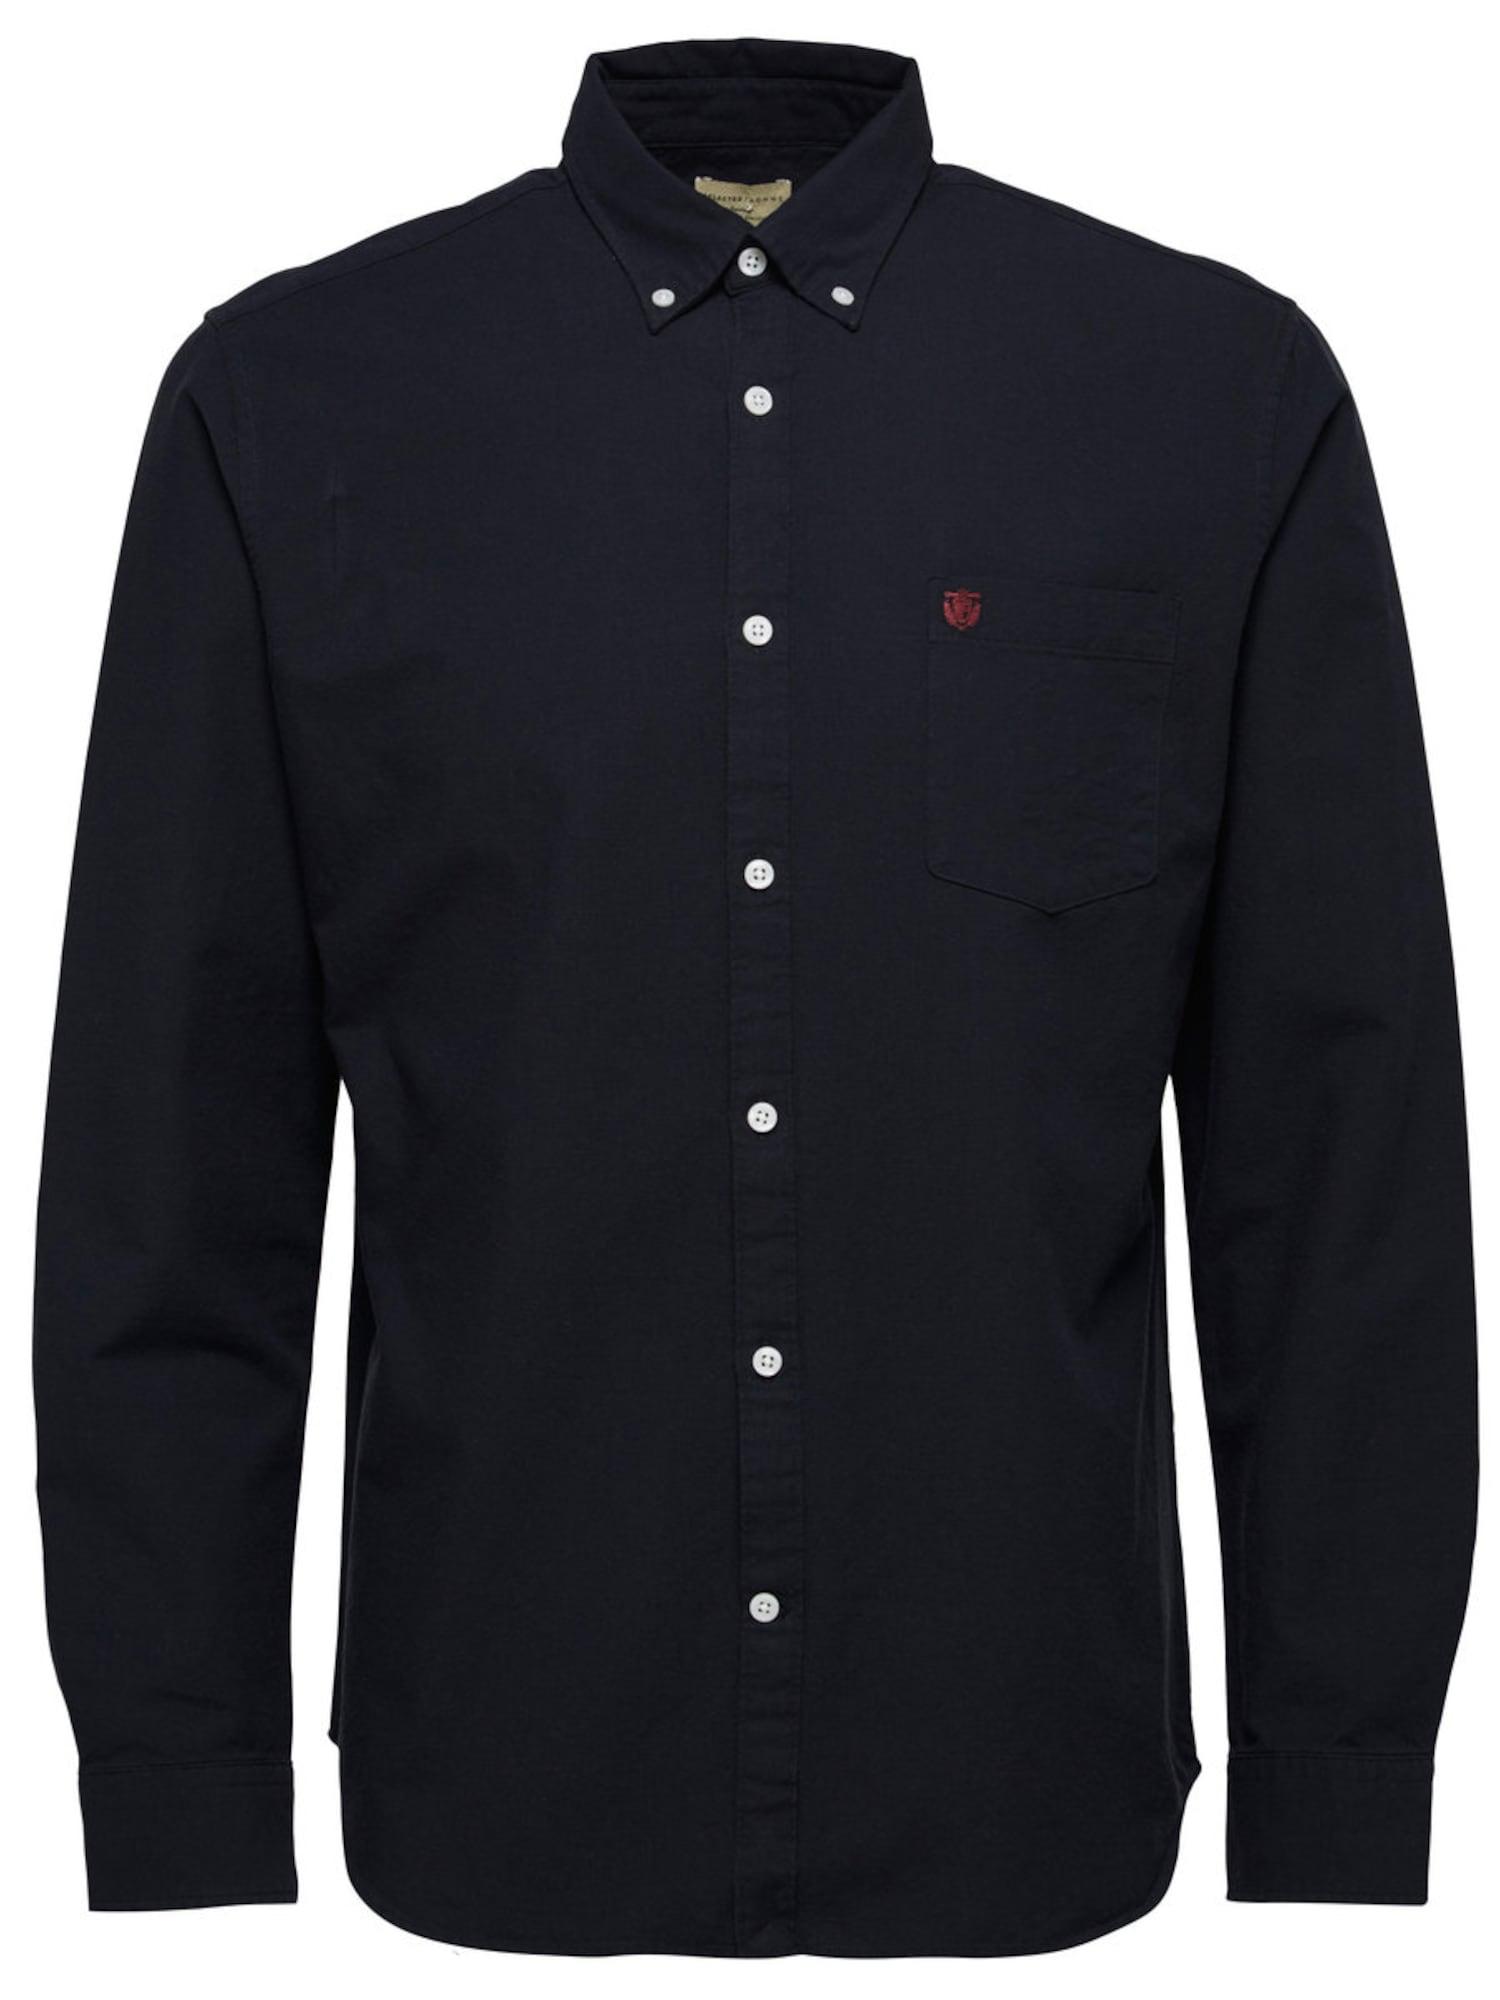 SELECTED HOMME Košeľa  čierna